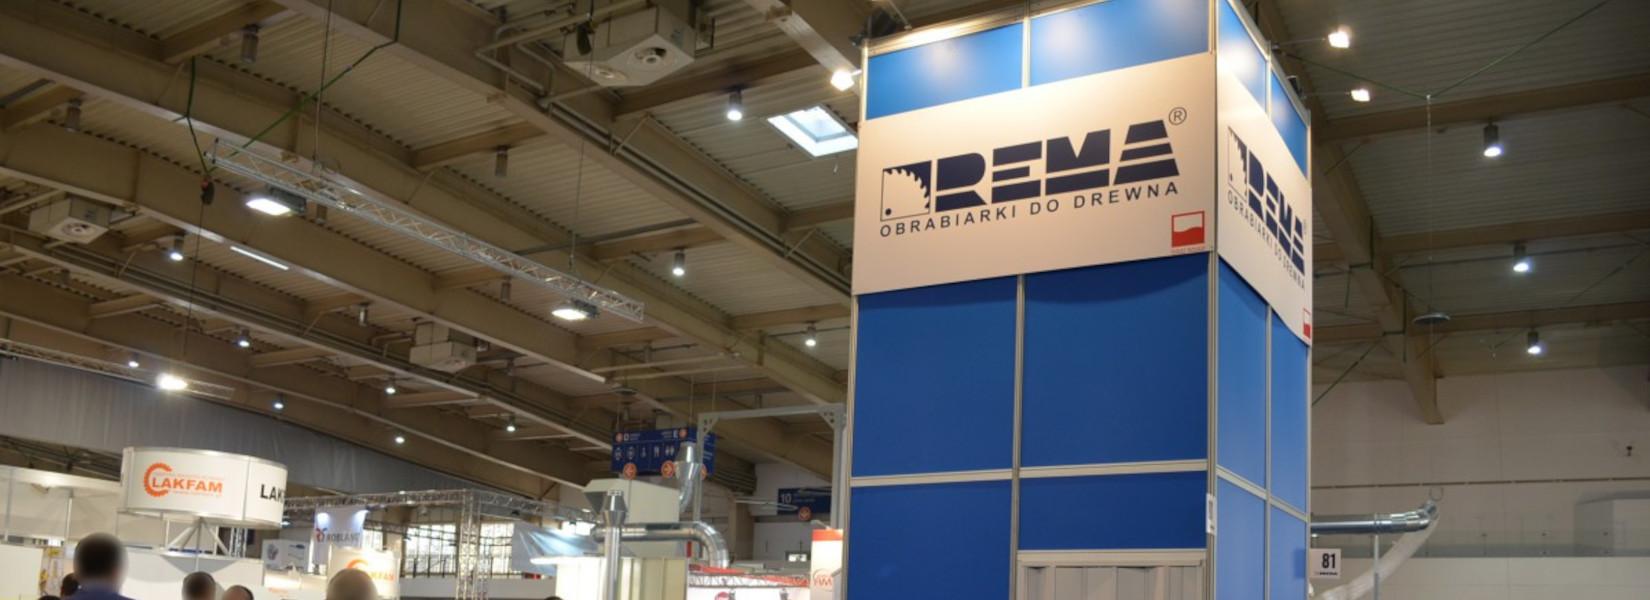 <small>Zapraszamy do odwiedzenia naszego stanowiska<br/>na targach DREMA w Poznaniu</small>